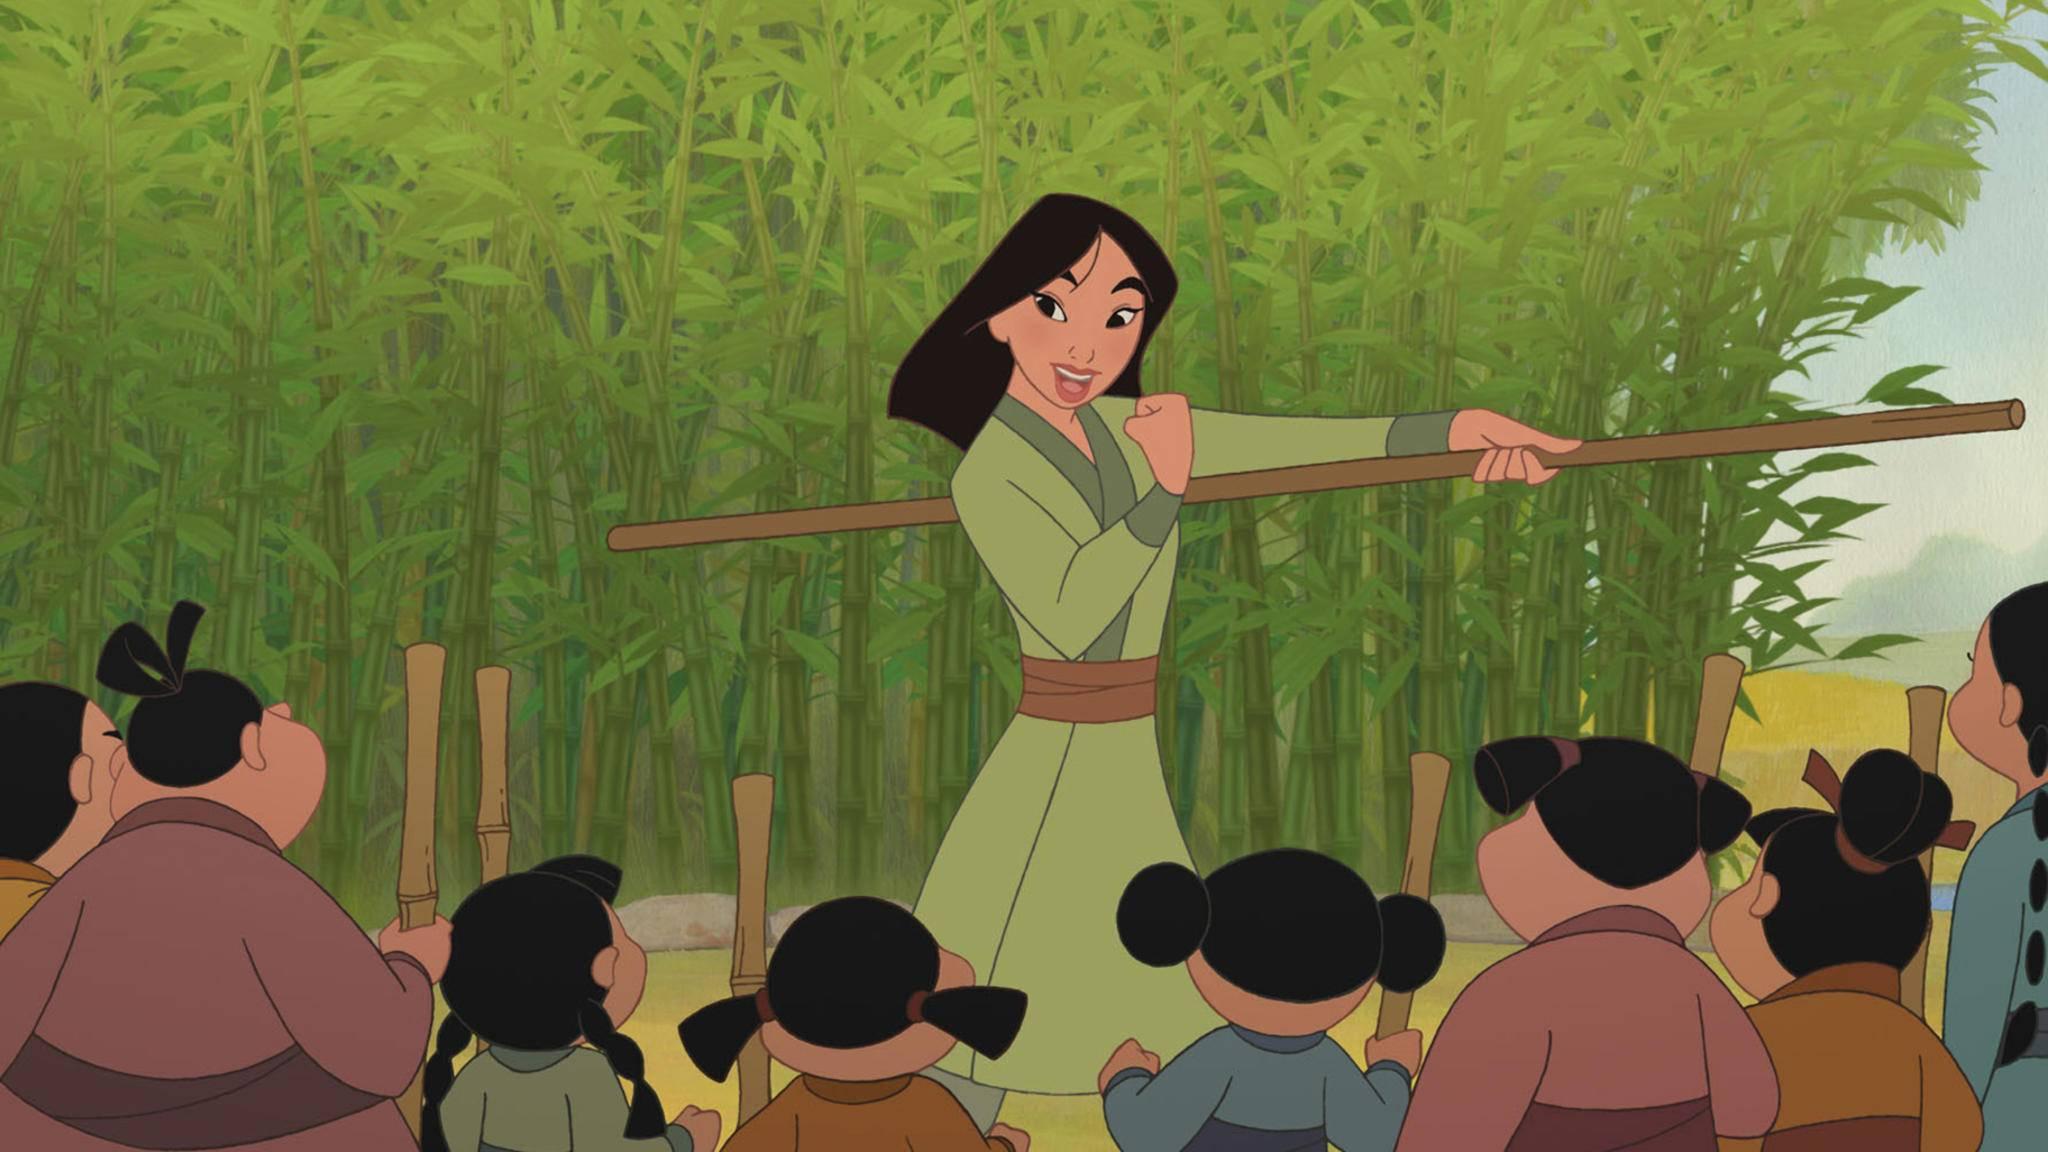 Ob Mulan in der Realverfilmung singend in den Krieg zieht, ist noch ungewiss.